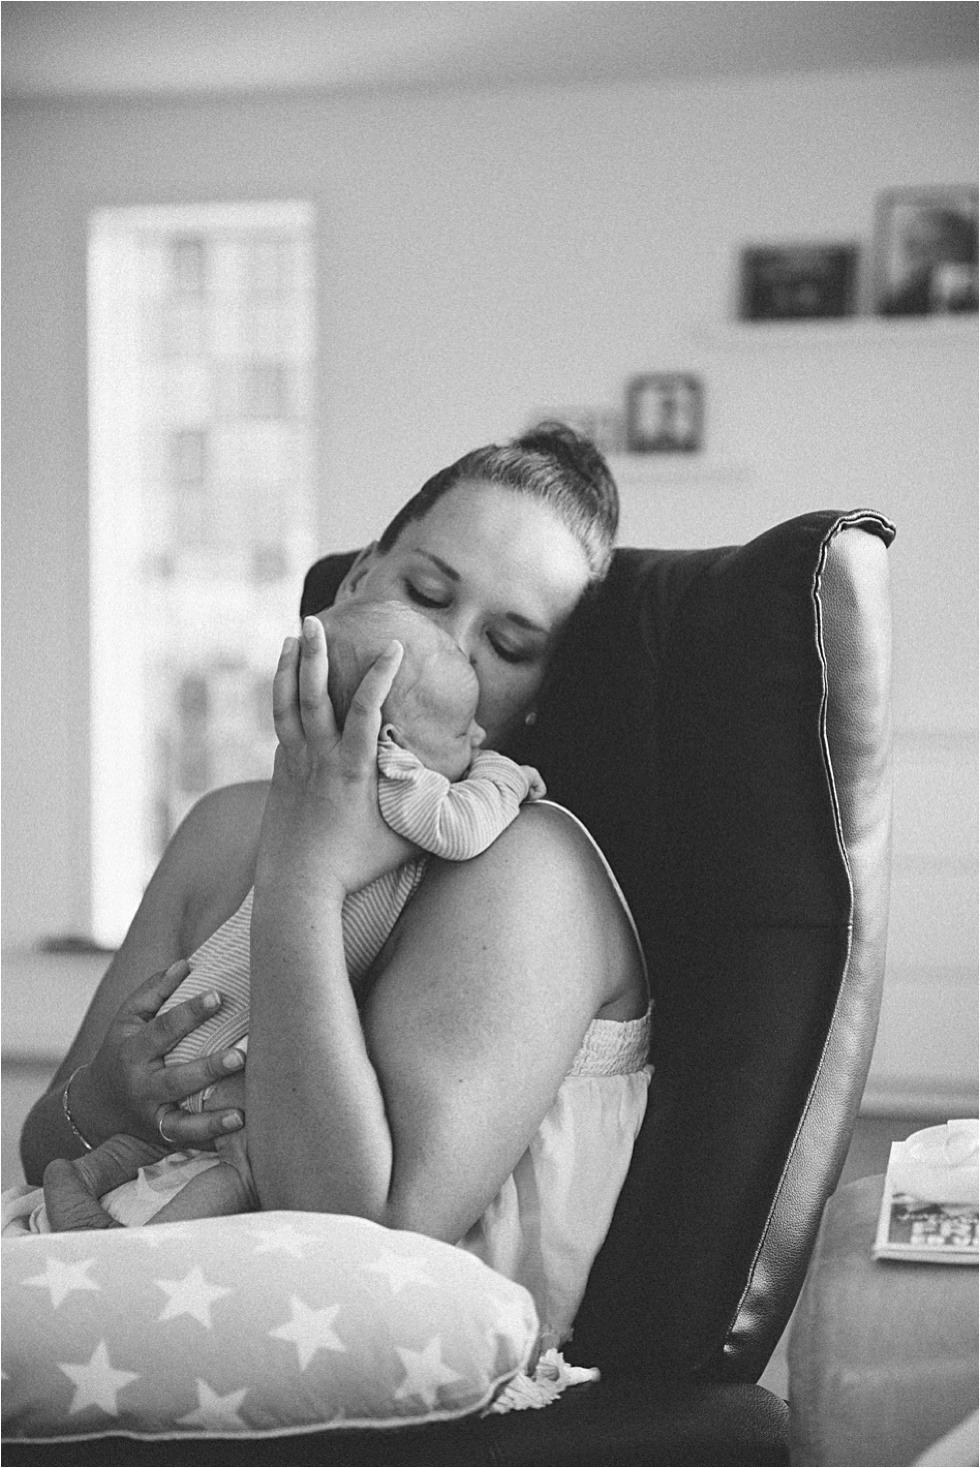 Nyfødt baby fotograf Tine hvolby16